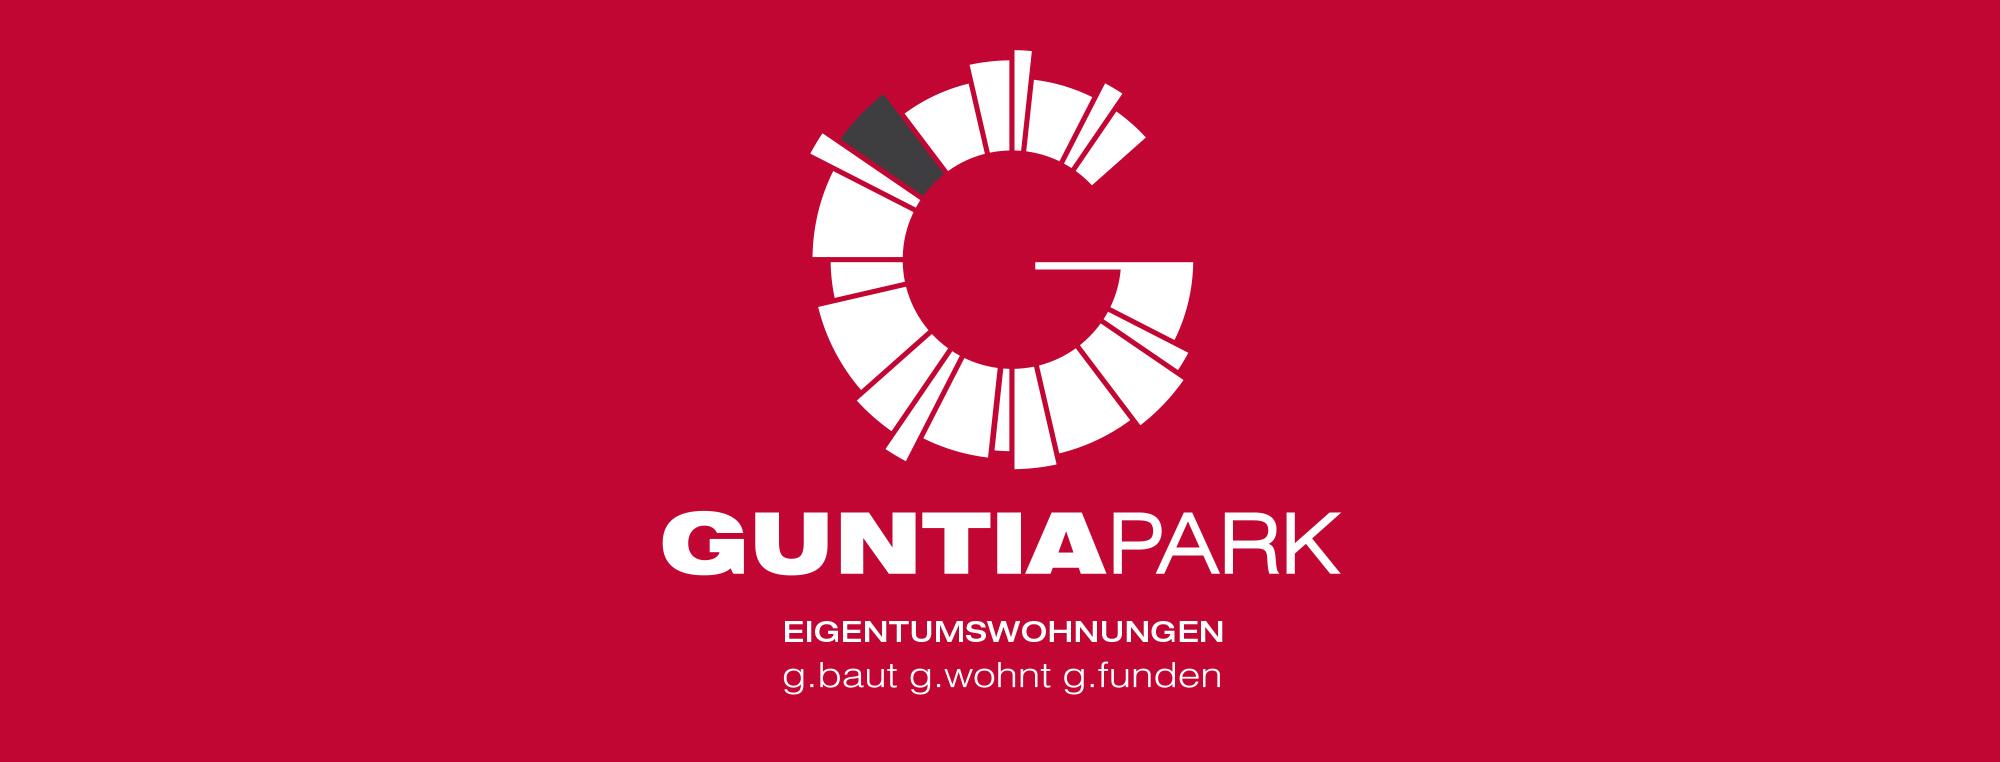 GuntiaPark Günzburg Wohneigentum Eigentumswohnungen Penthouse Wohnungen